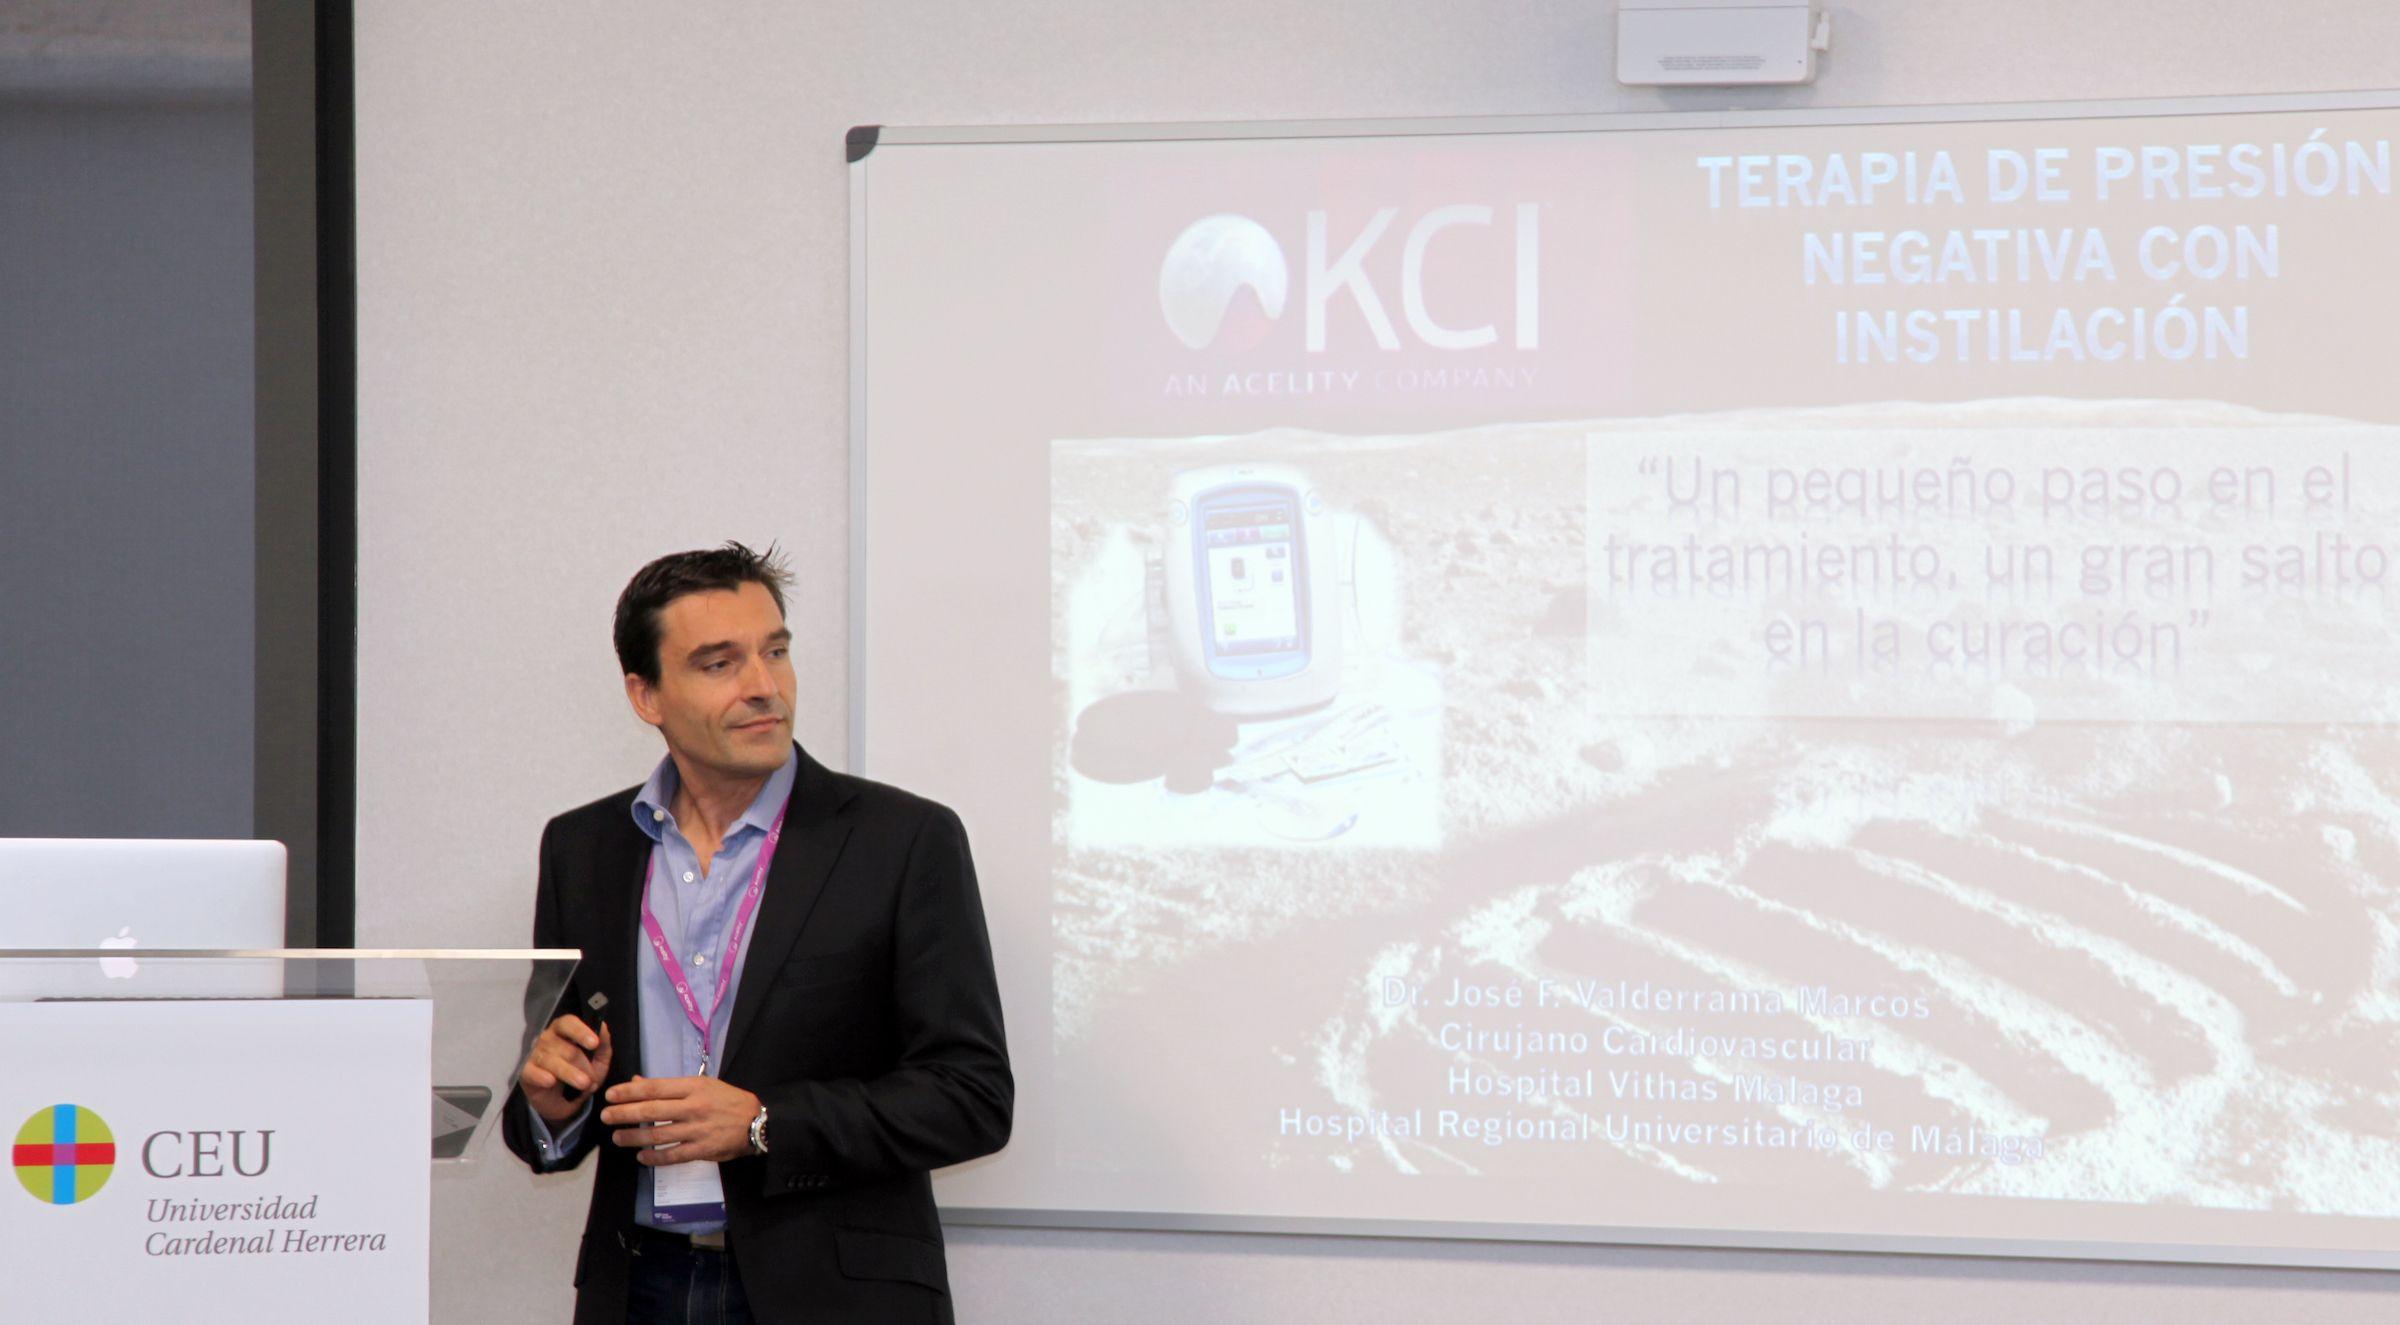 El doctor Valderrama, del Hospital Regional Universitario de Málaga, durante su intervención en la jornada sobre técnicas quirúrgicas con presión negativa.